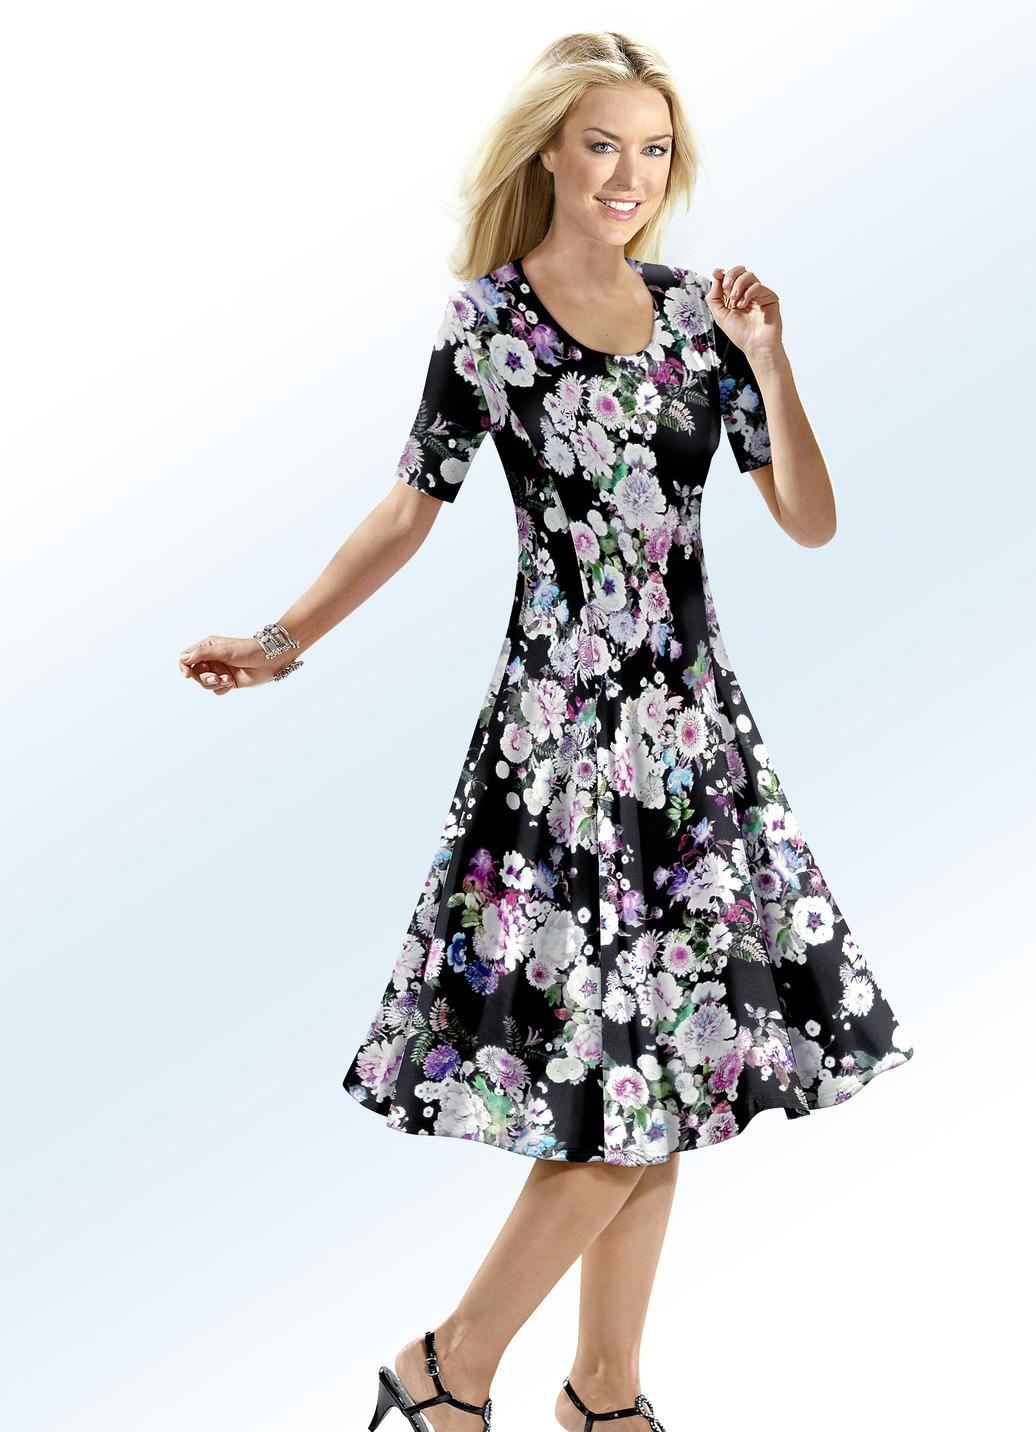 Klaus Modelle Kleid mit farbbrillantem Inkjet-Druckdessin Schwarz-Bunt Größe 19 Damen Preisvergleich